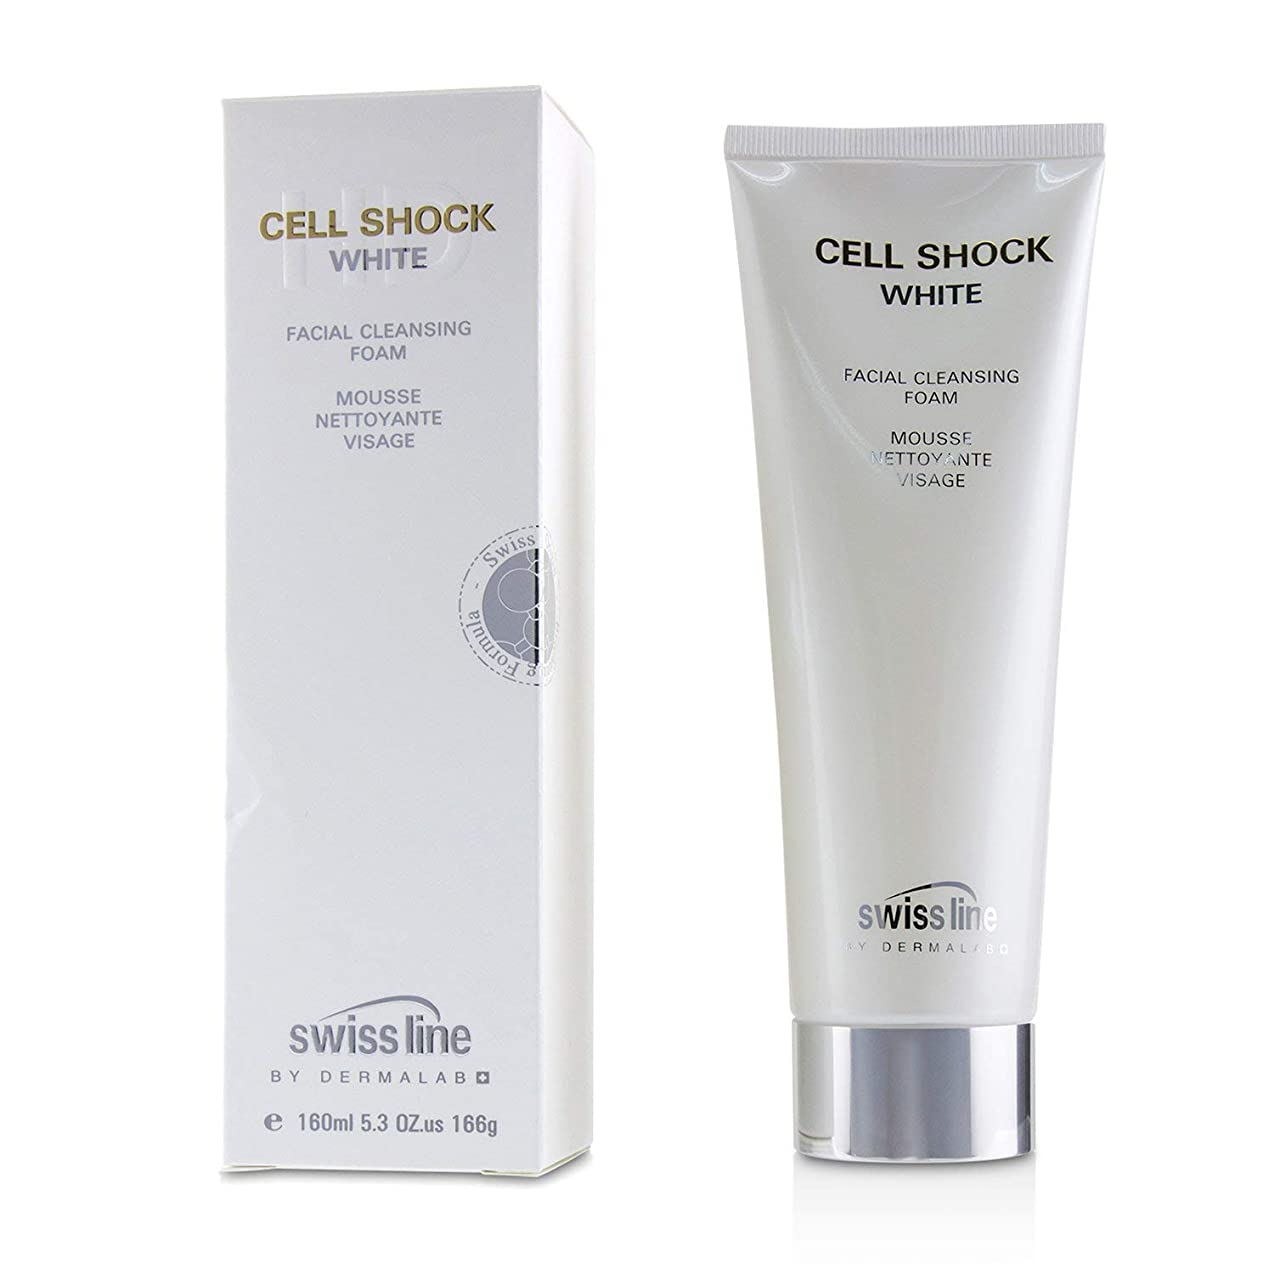 密倒産理由スイスライン Cell Shock White Facial Cleansing Foam 160ml/5.3oz並行輸入品